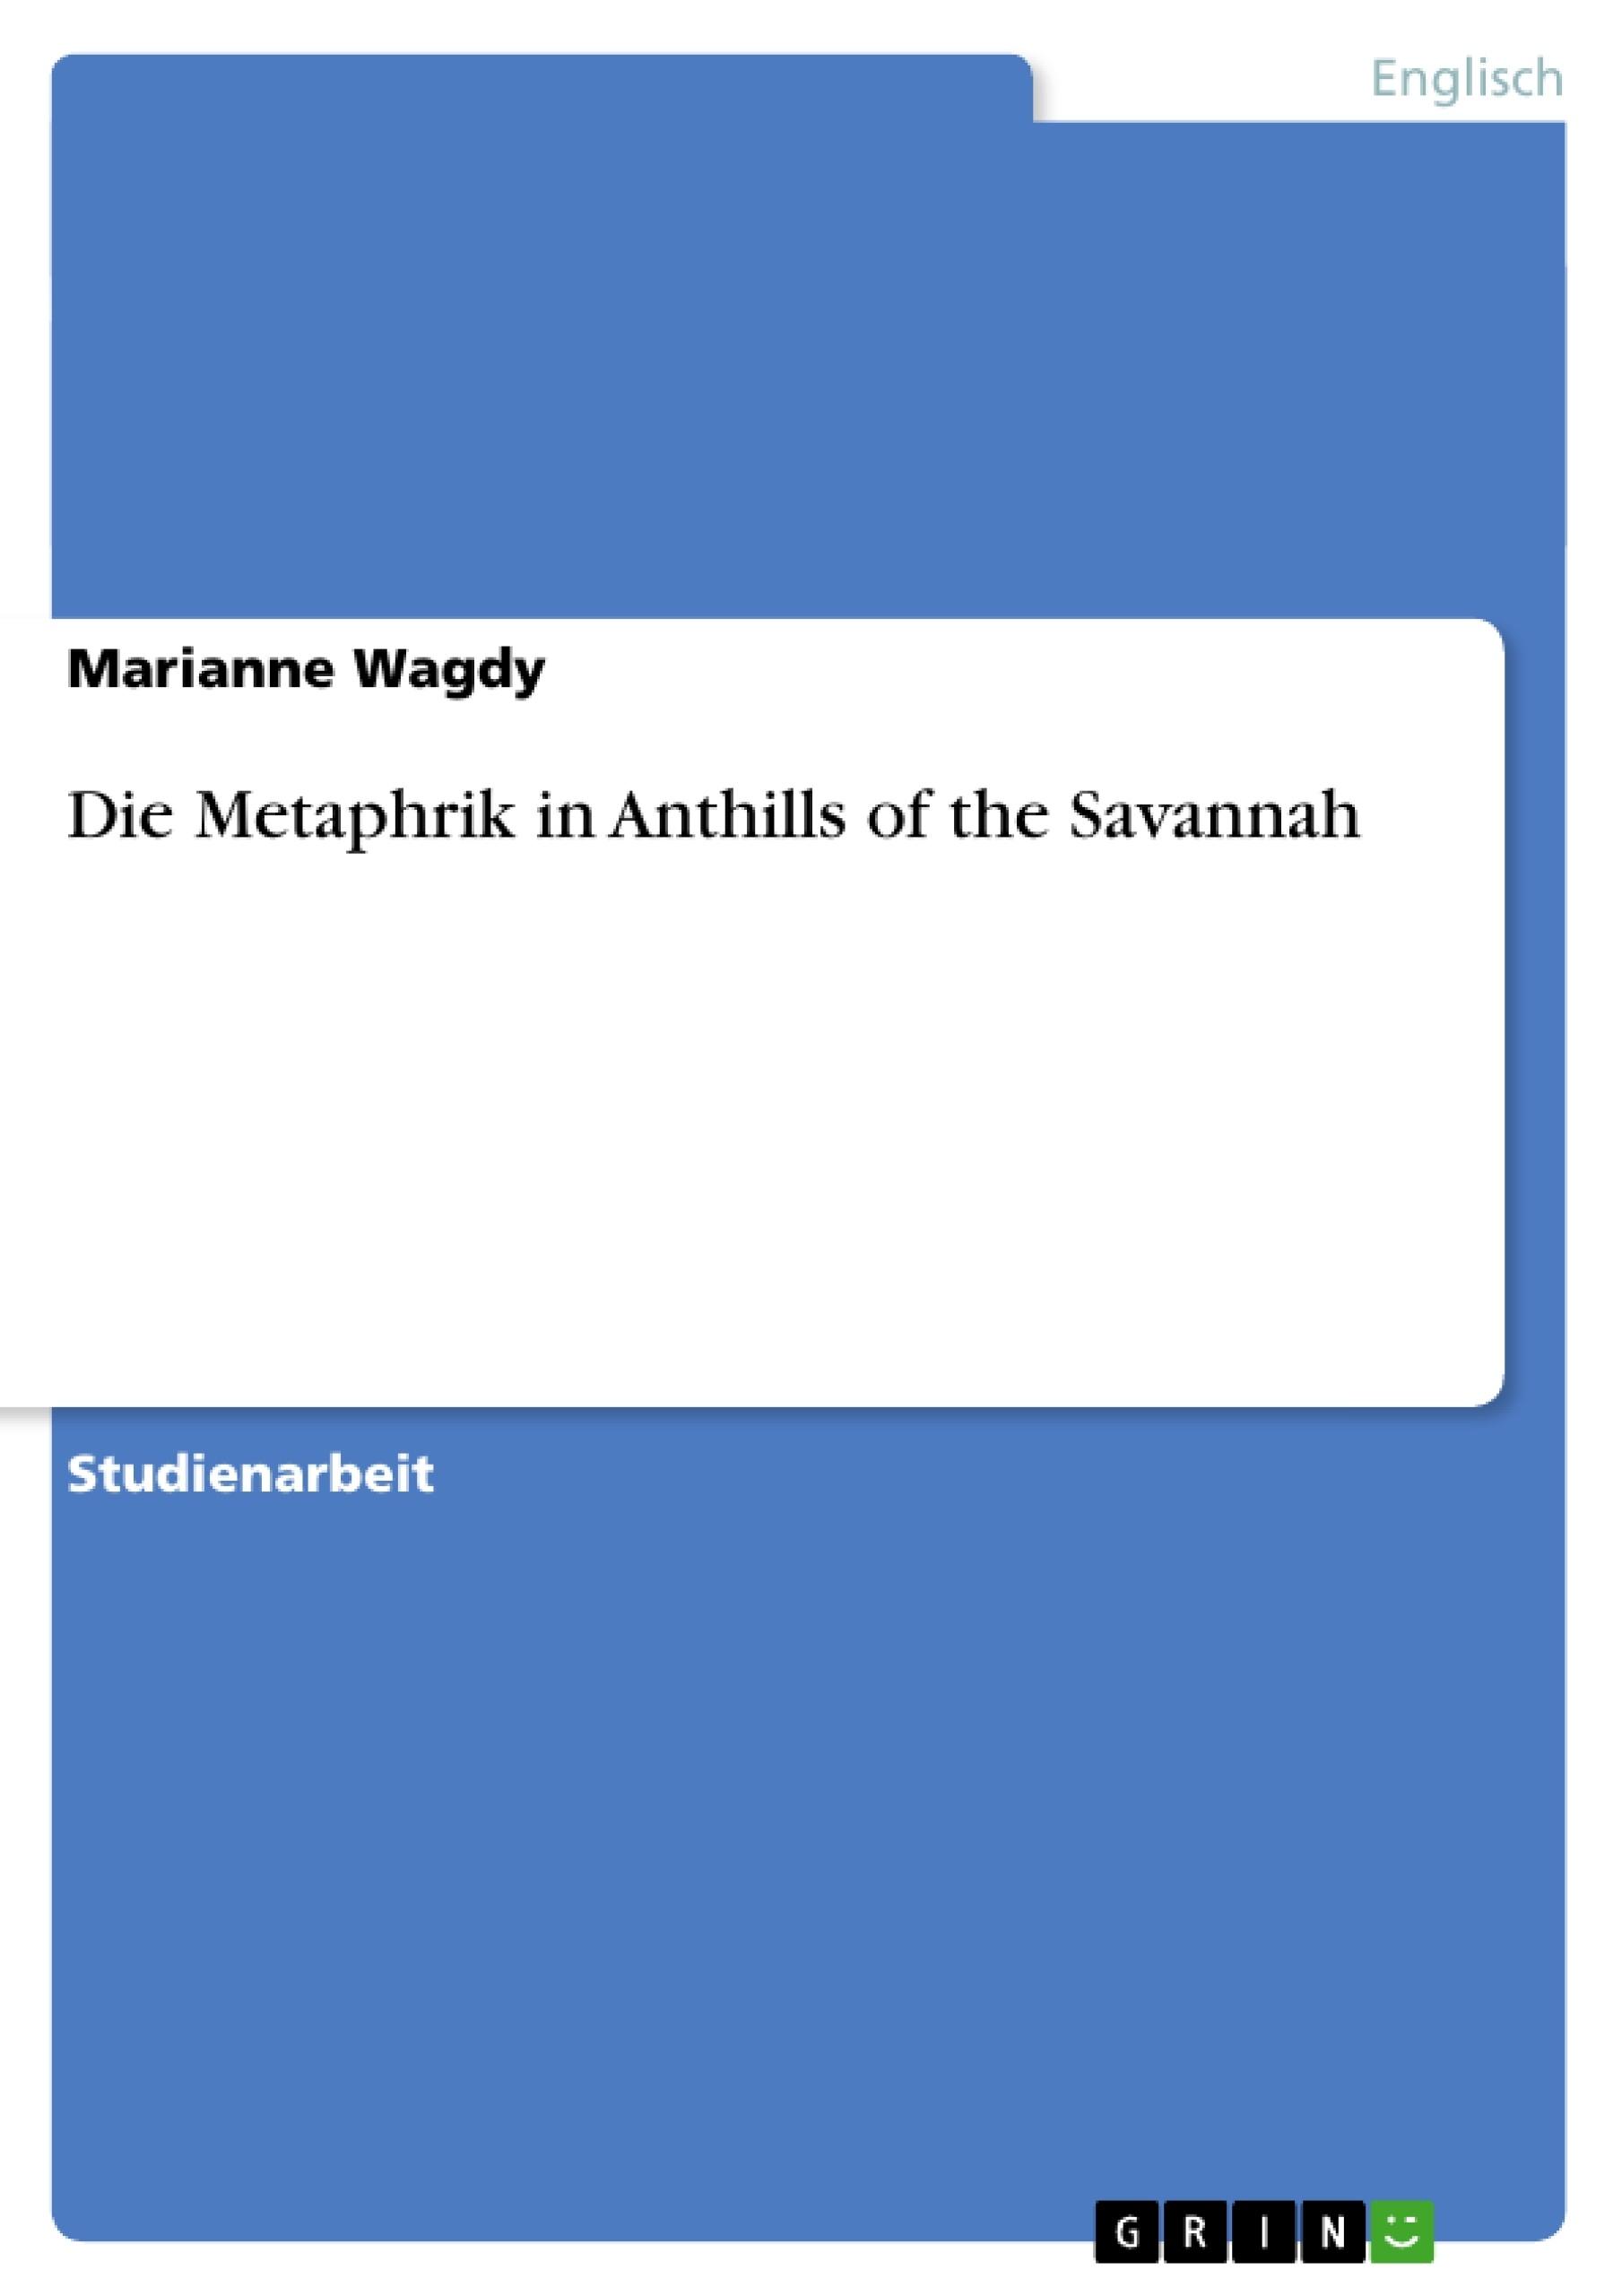 Titel: Die Metaphrik in Anthills of the Savannah